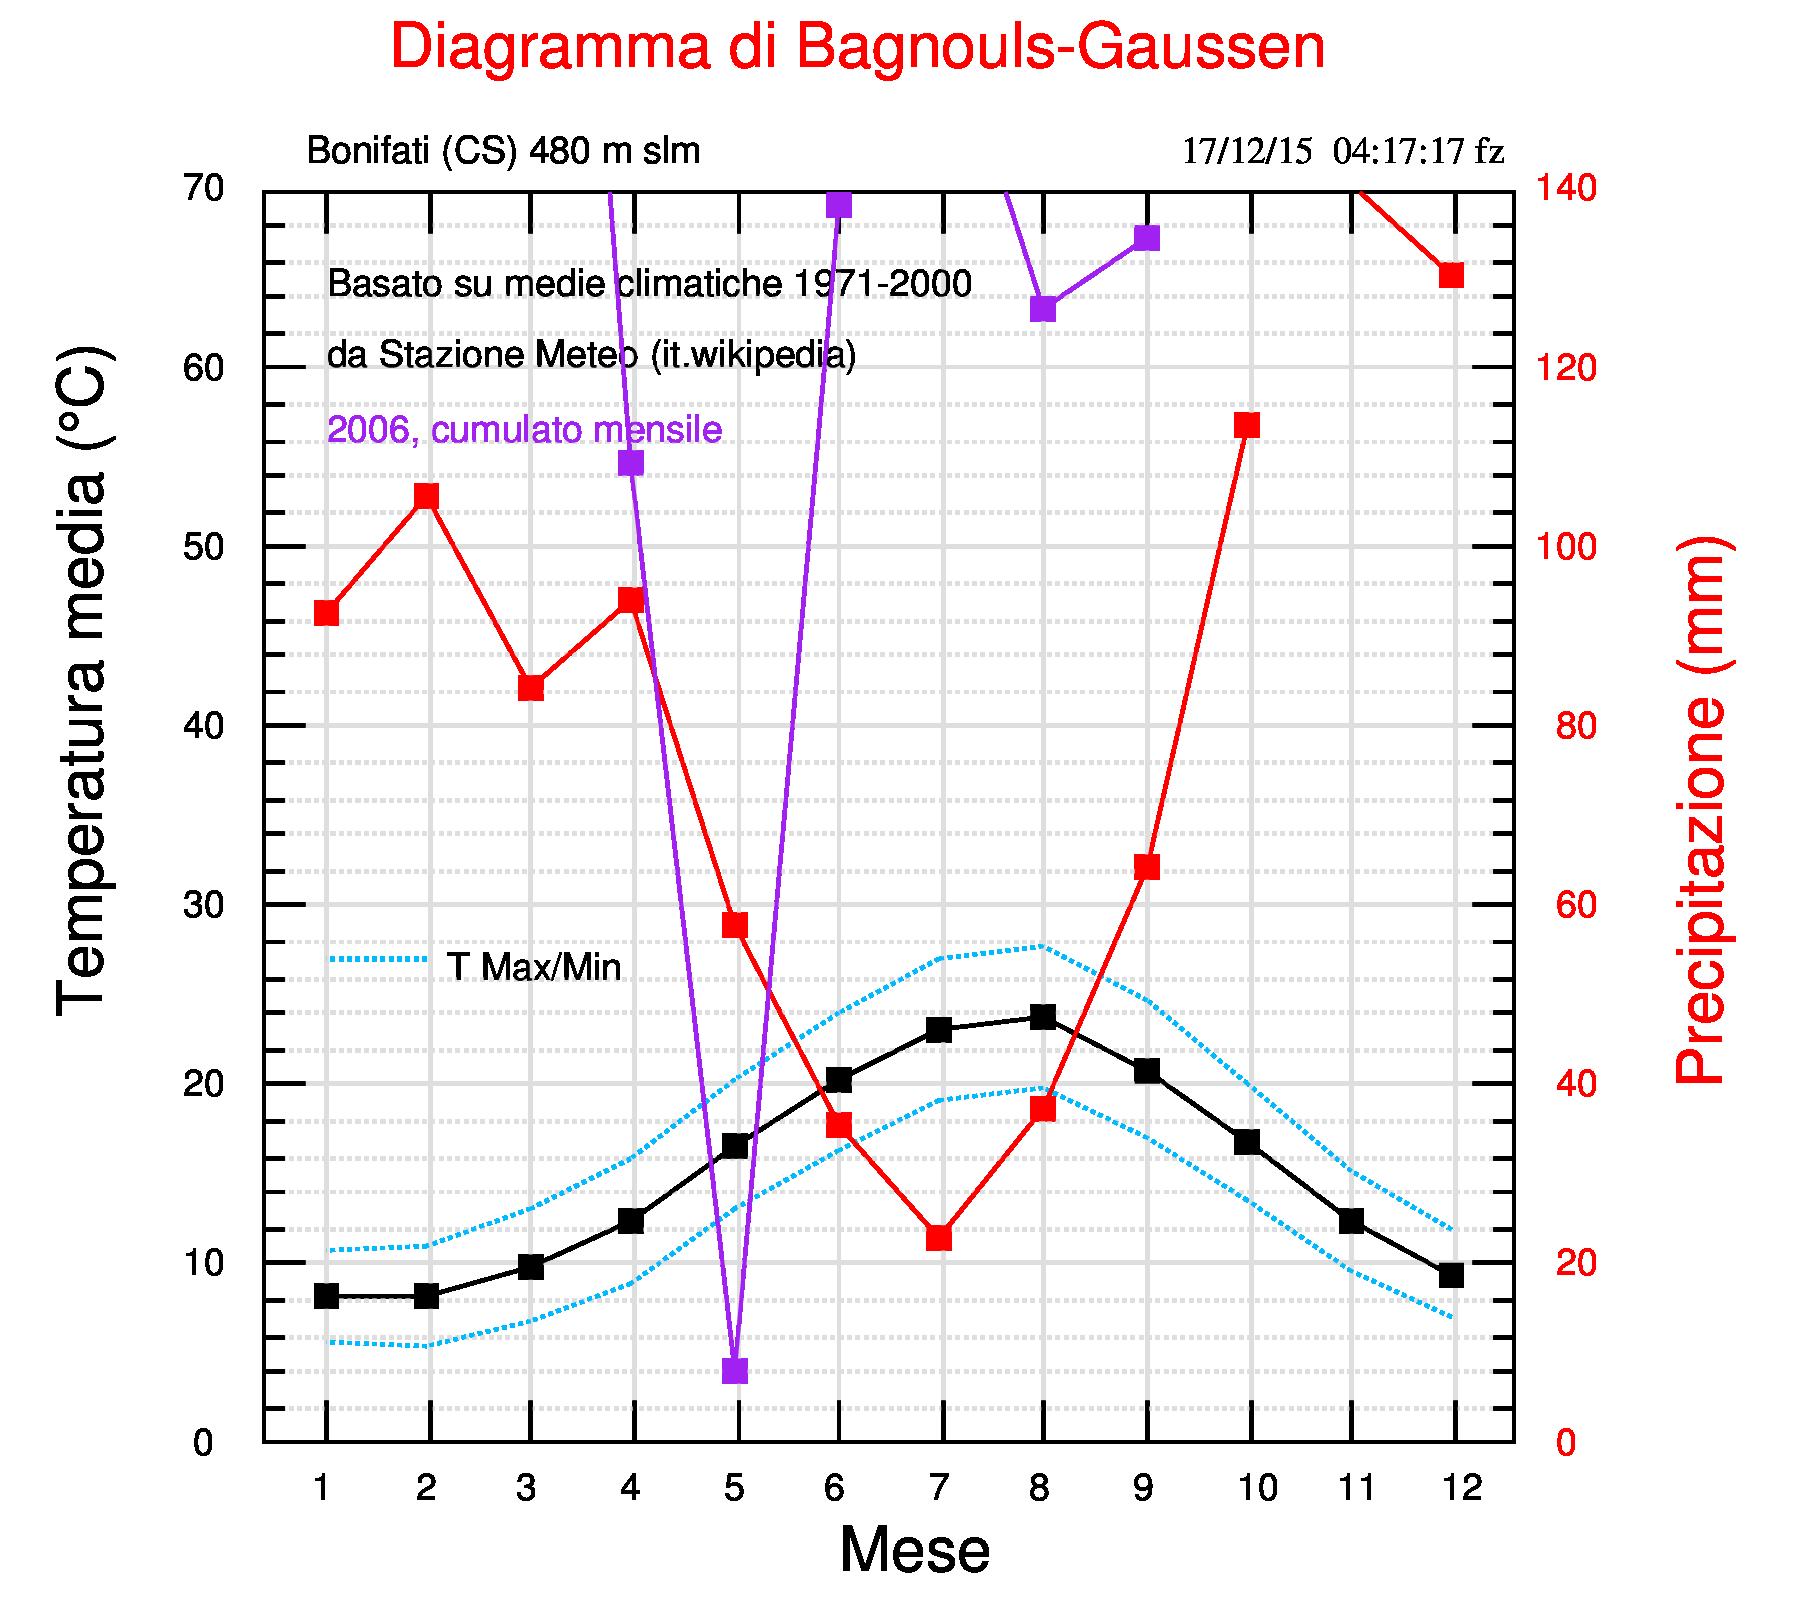 Fig.3. Diagramma termo-pluviometrico di Bagnouls-Gaussen per Bonifati. La linea viola rappresenta la precipitazione mensile relativa all'anno 2006.